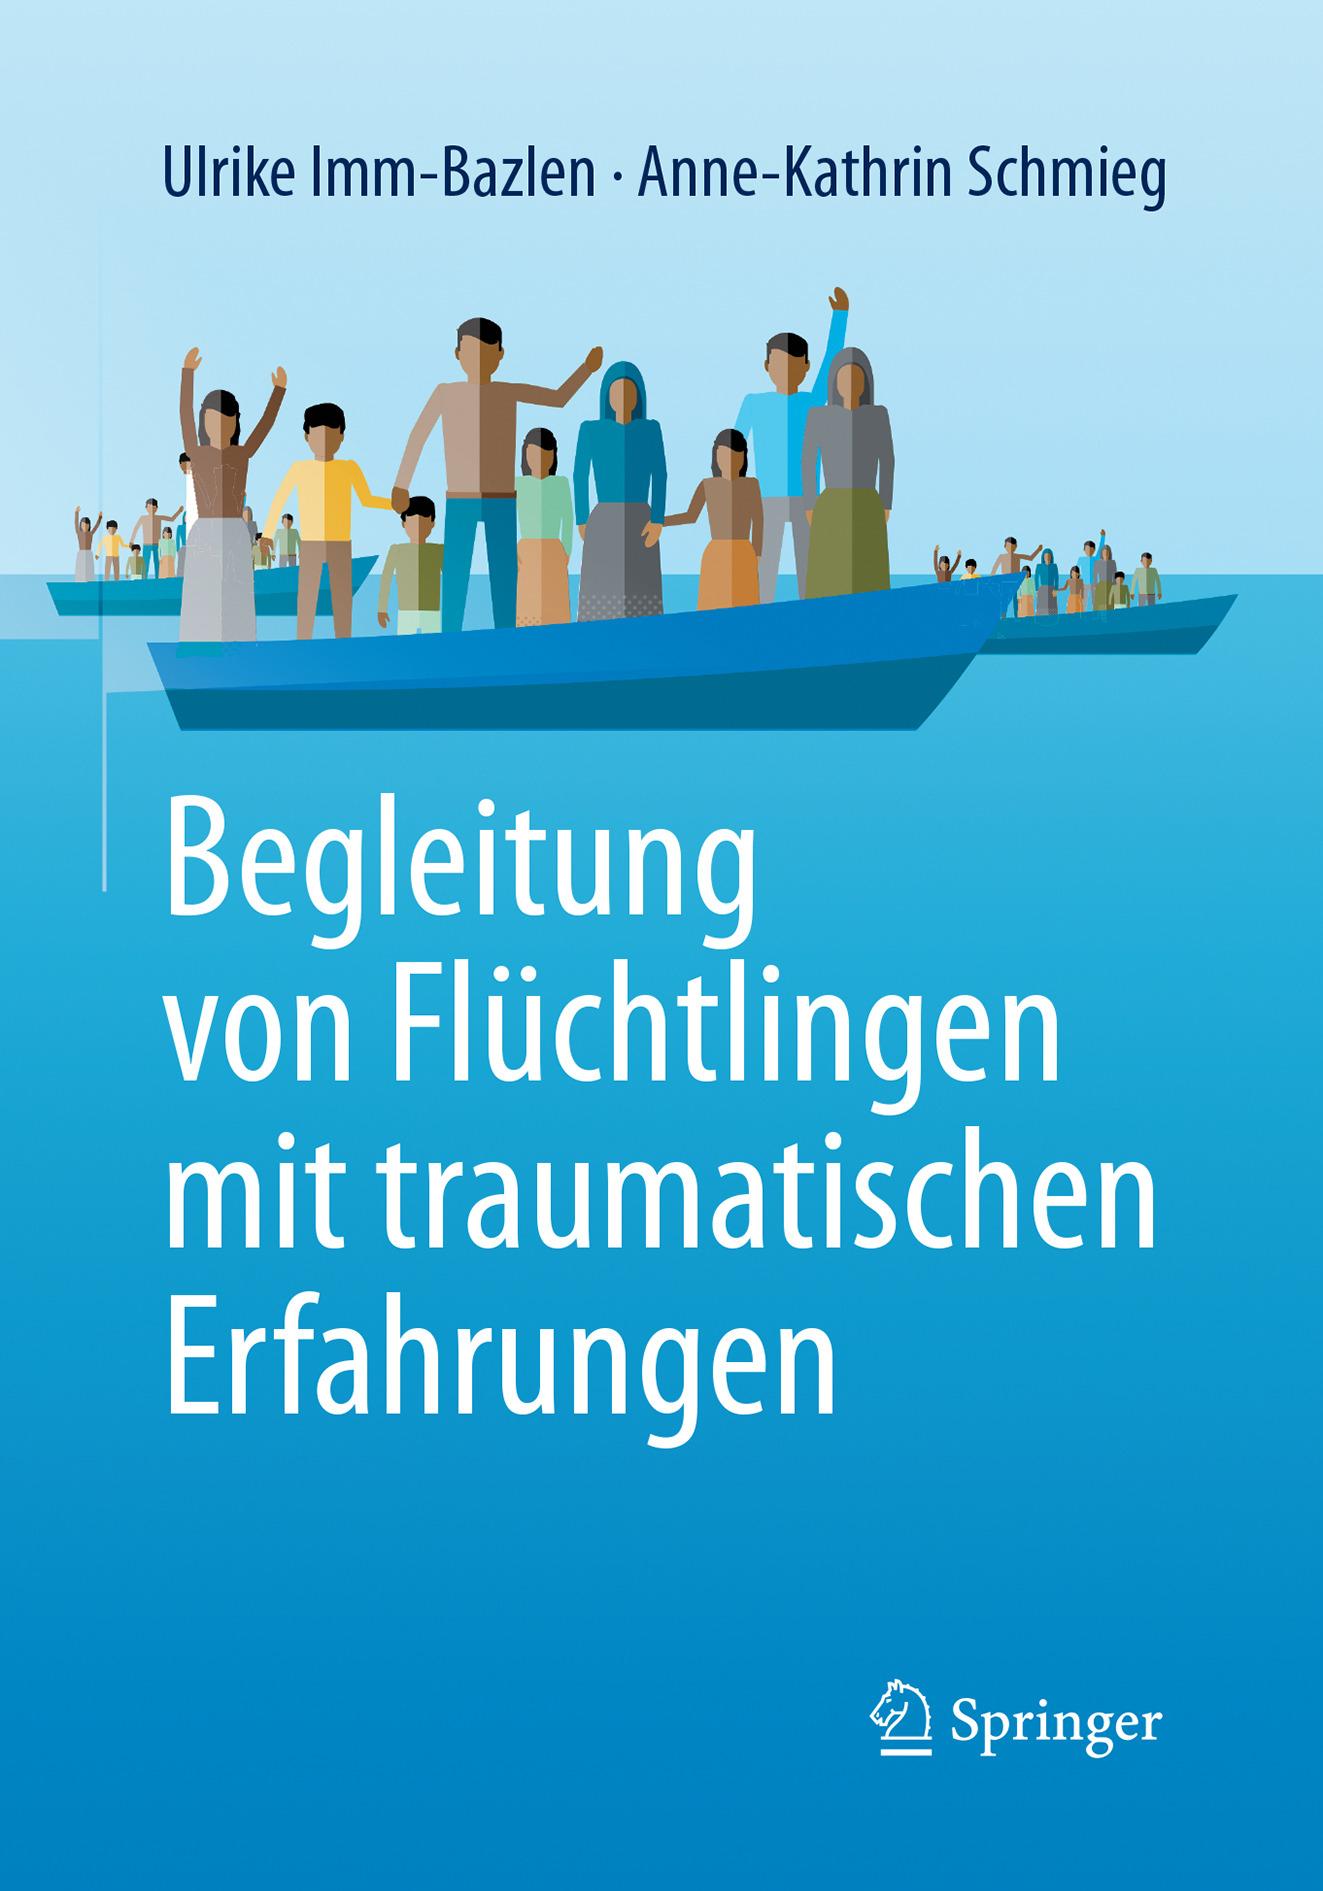 Imm-Bazlen, Ulrike - Begleitung von Flüchtlingen mit traumatischen Erfahrungen, ebook